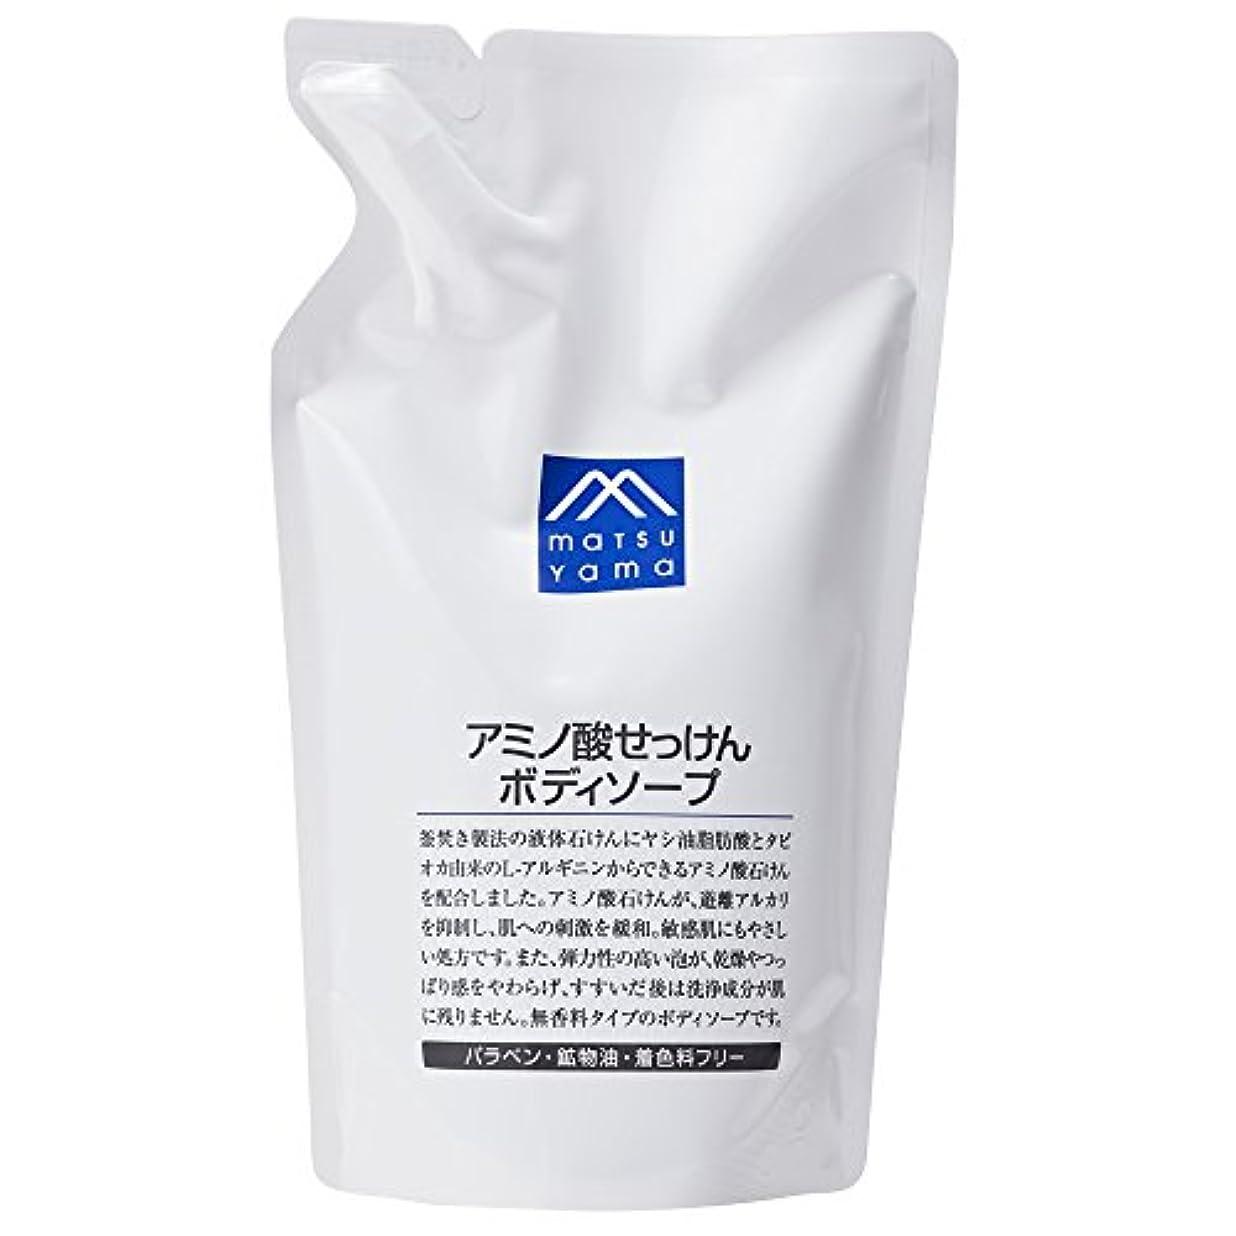 推進エールオゾンM-mark アミノ酸せっけんボディソープ 詰替用